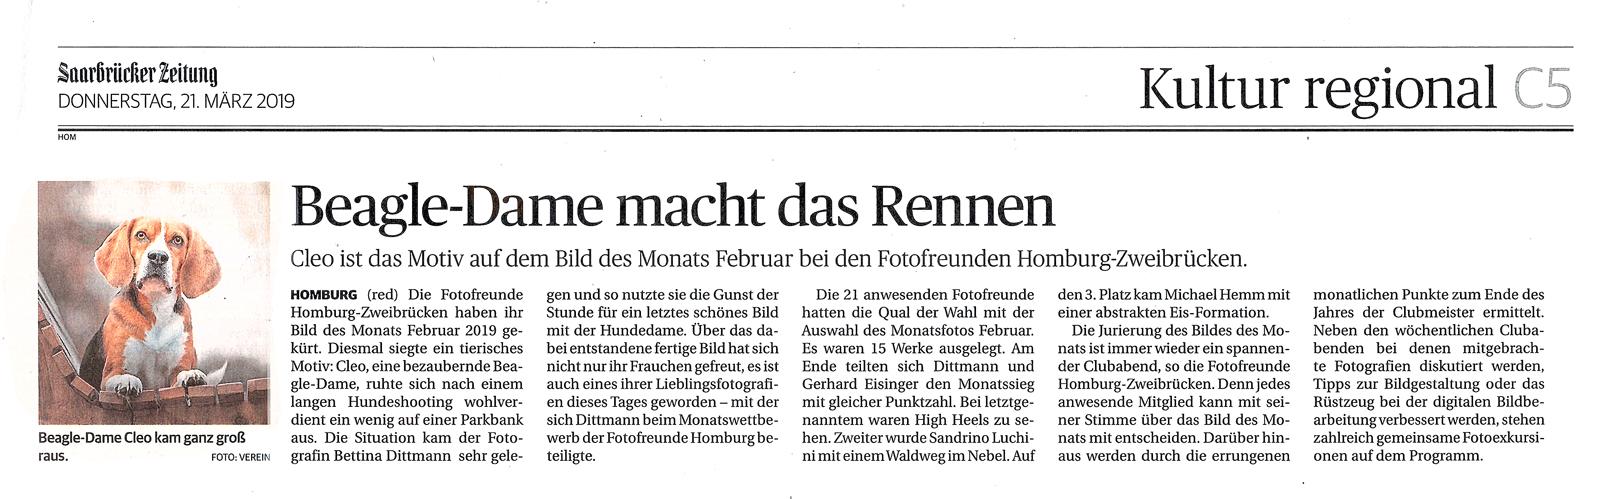 Saarbrücker Zeitung 21.03.2019